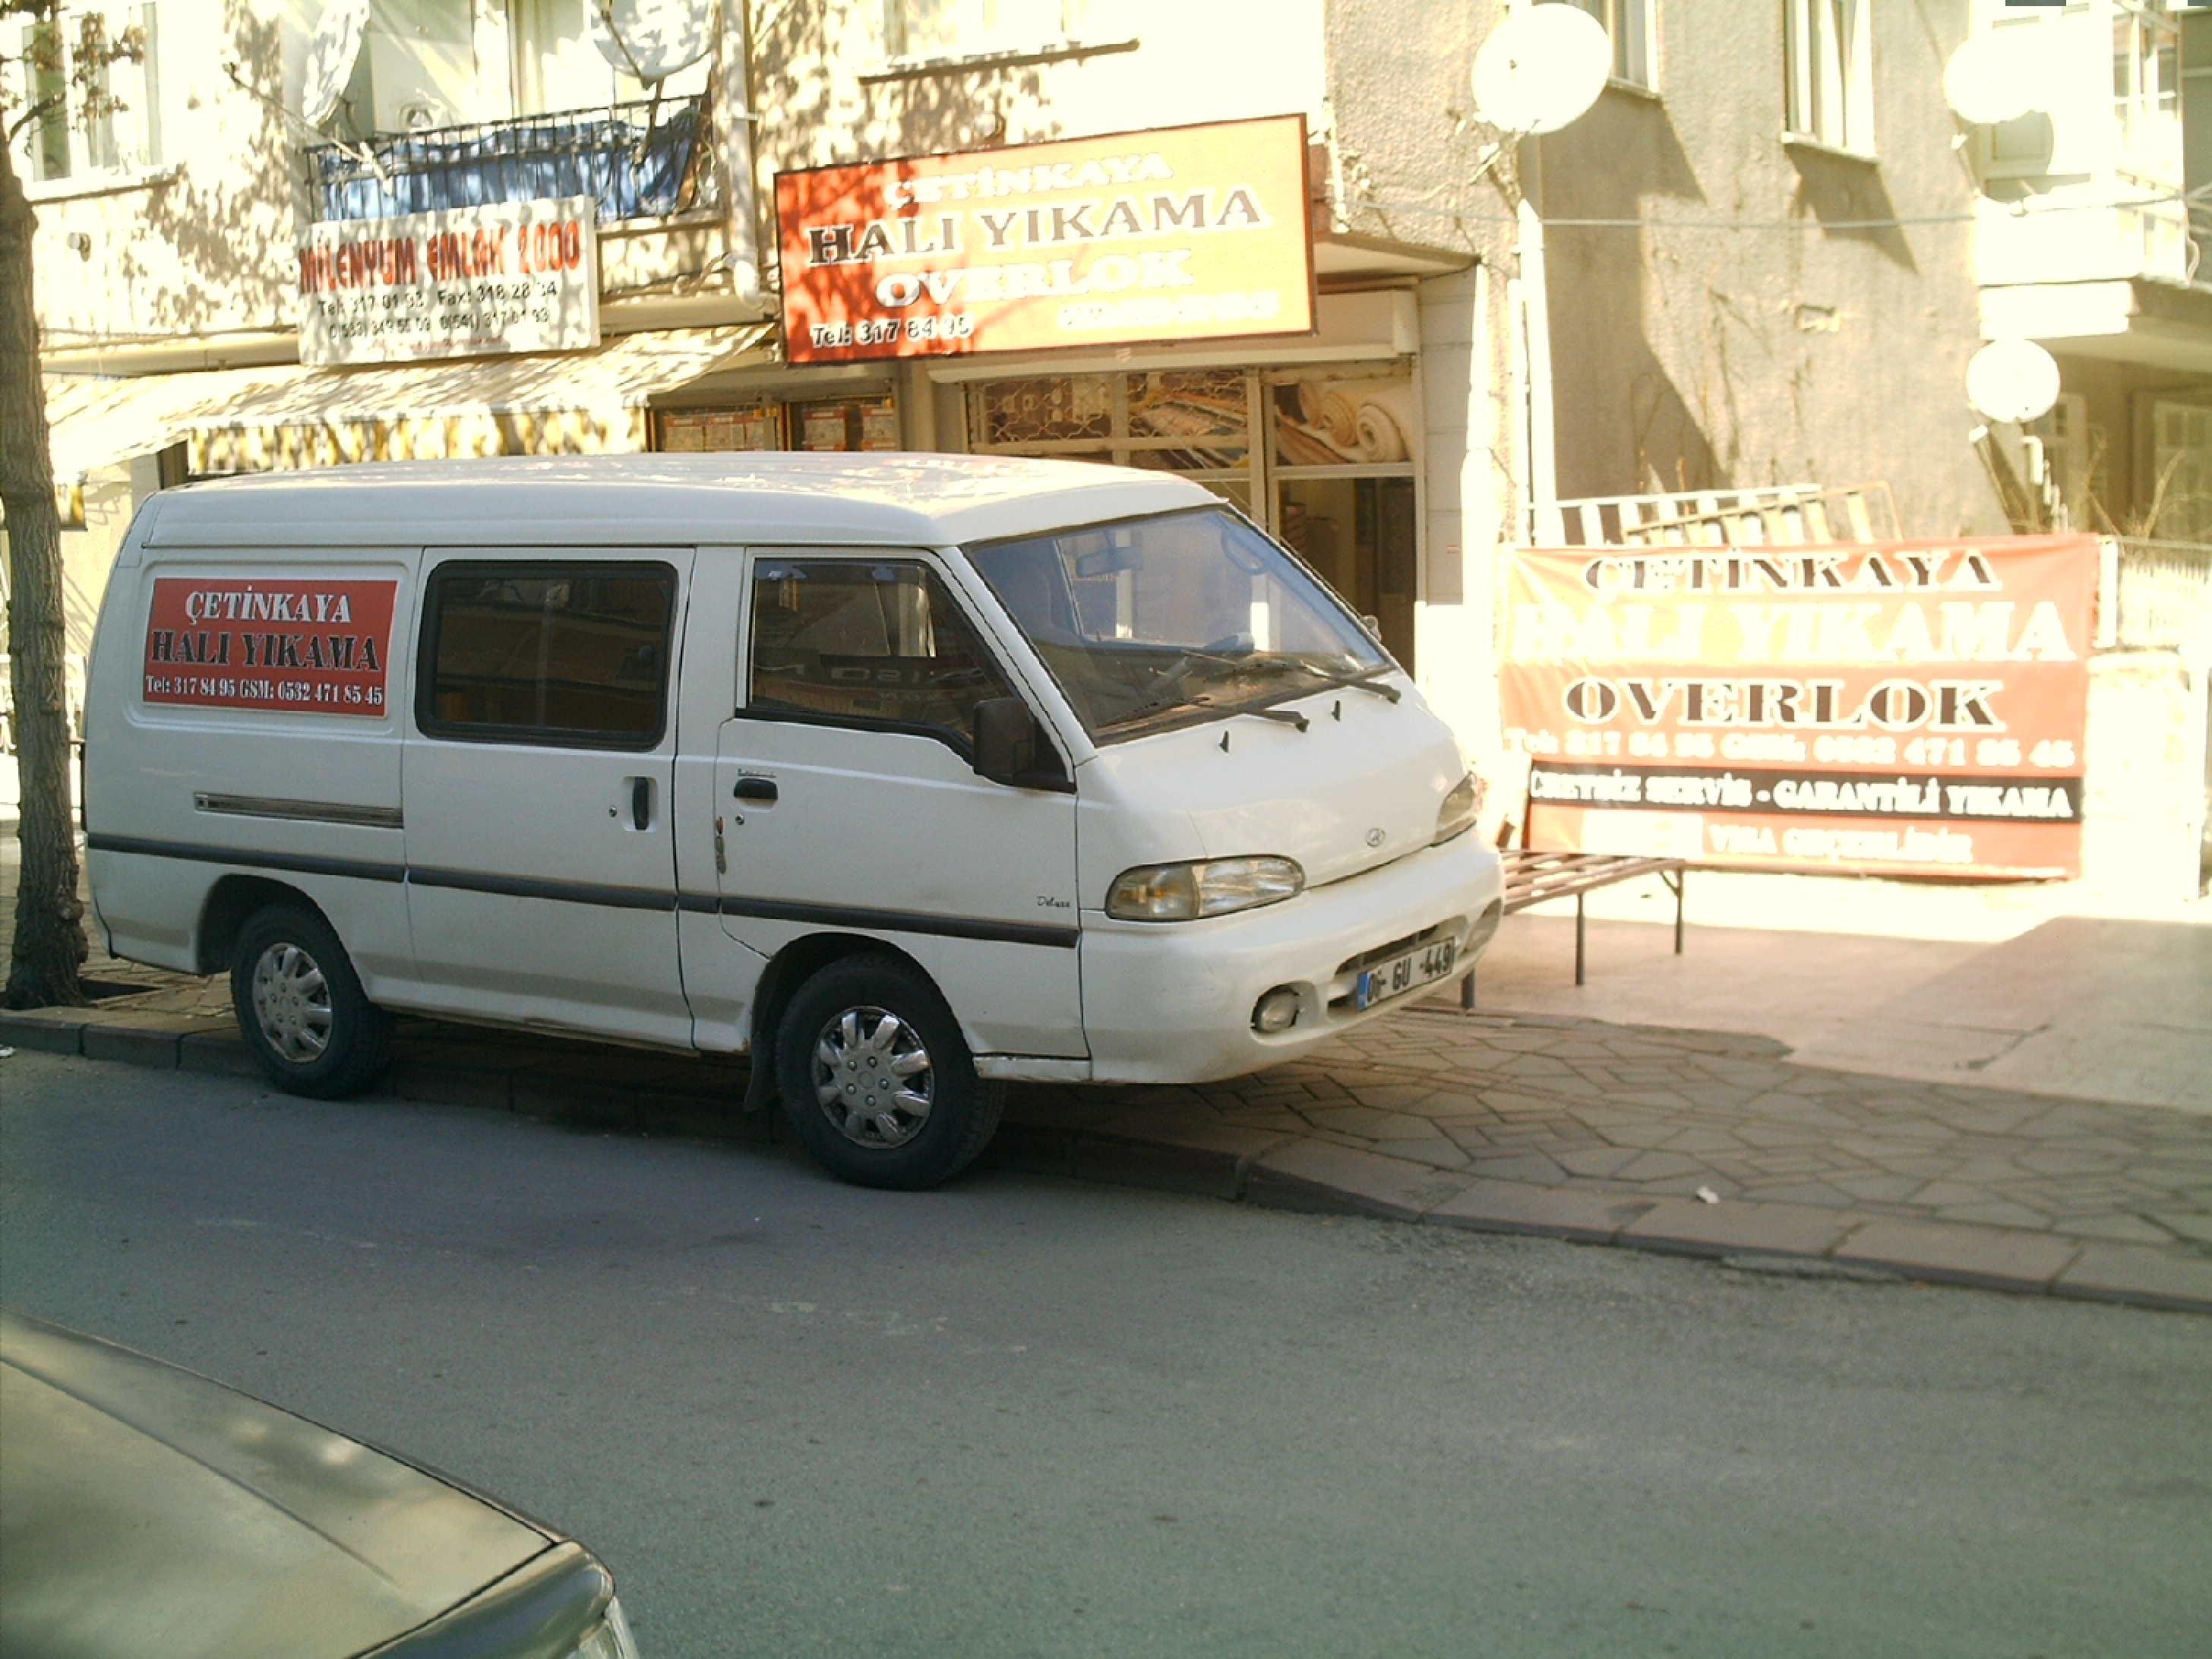 subayevler_hali_yikama_servis-1 (3)